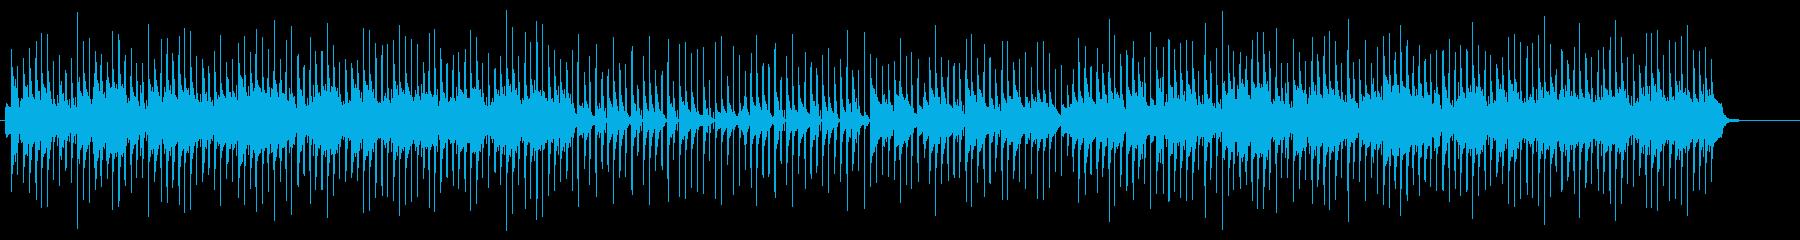 伝統的な童ryの童version ...の再生済みの波形